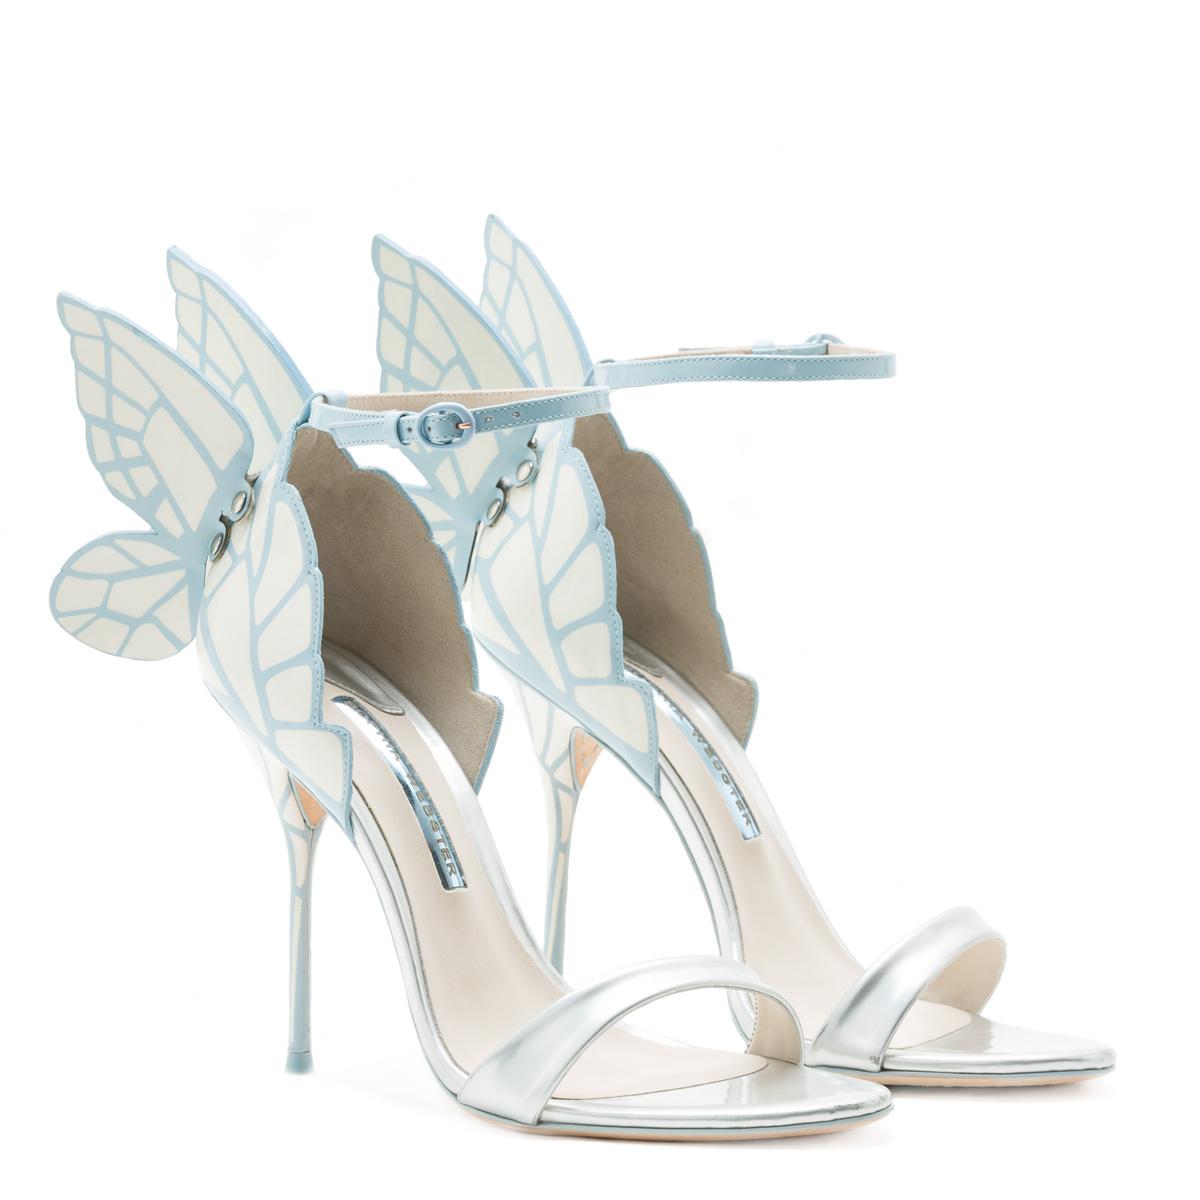 Sophia Webster Bridal Chiara Ice Sandal